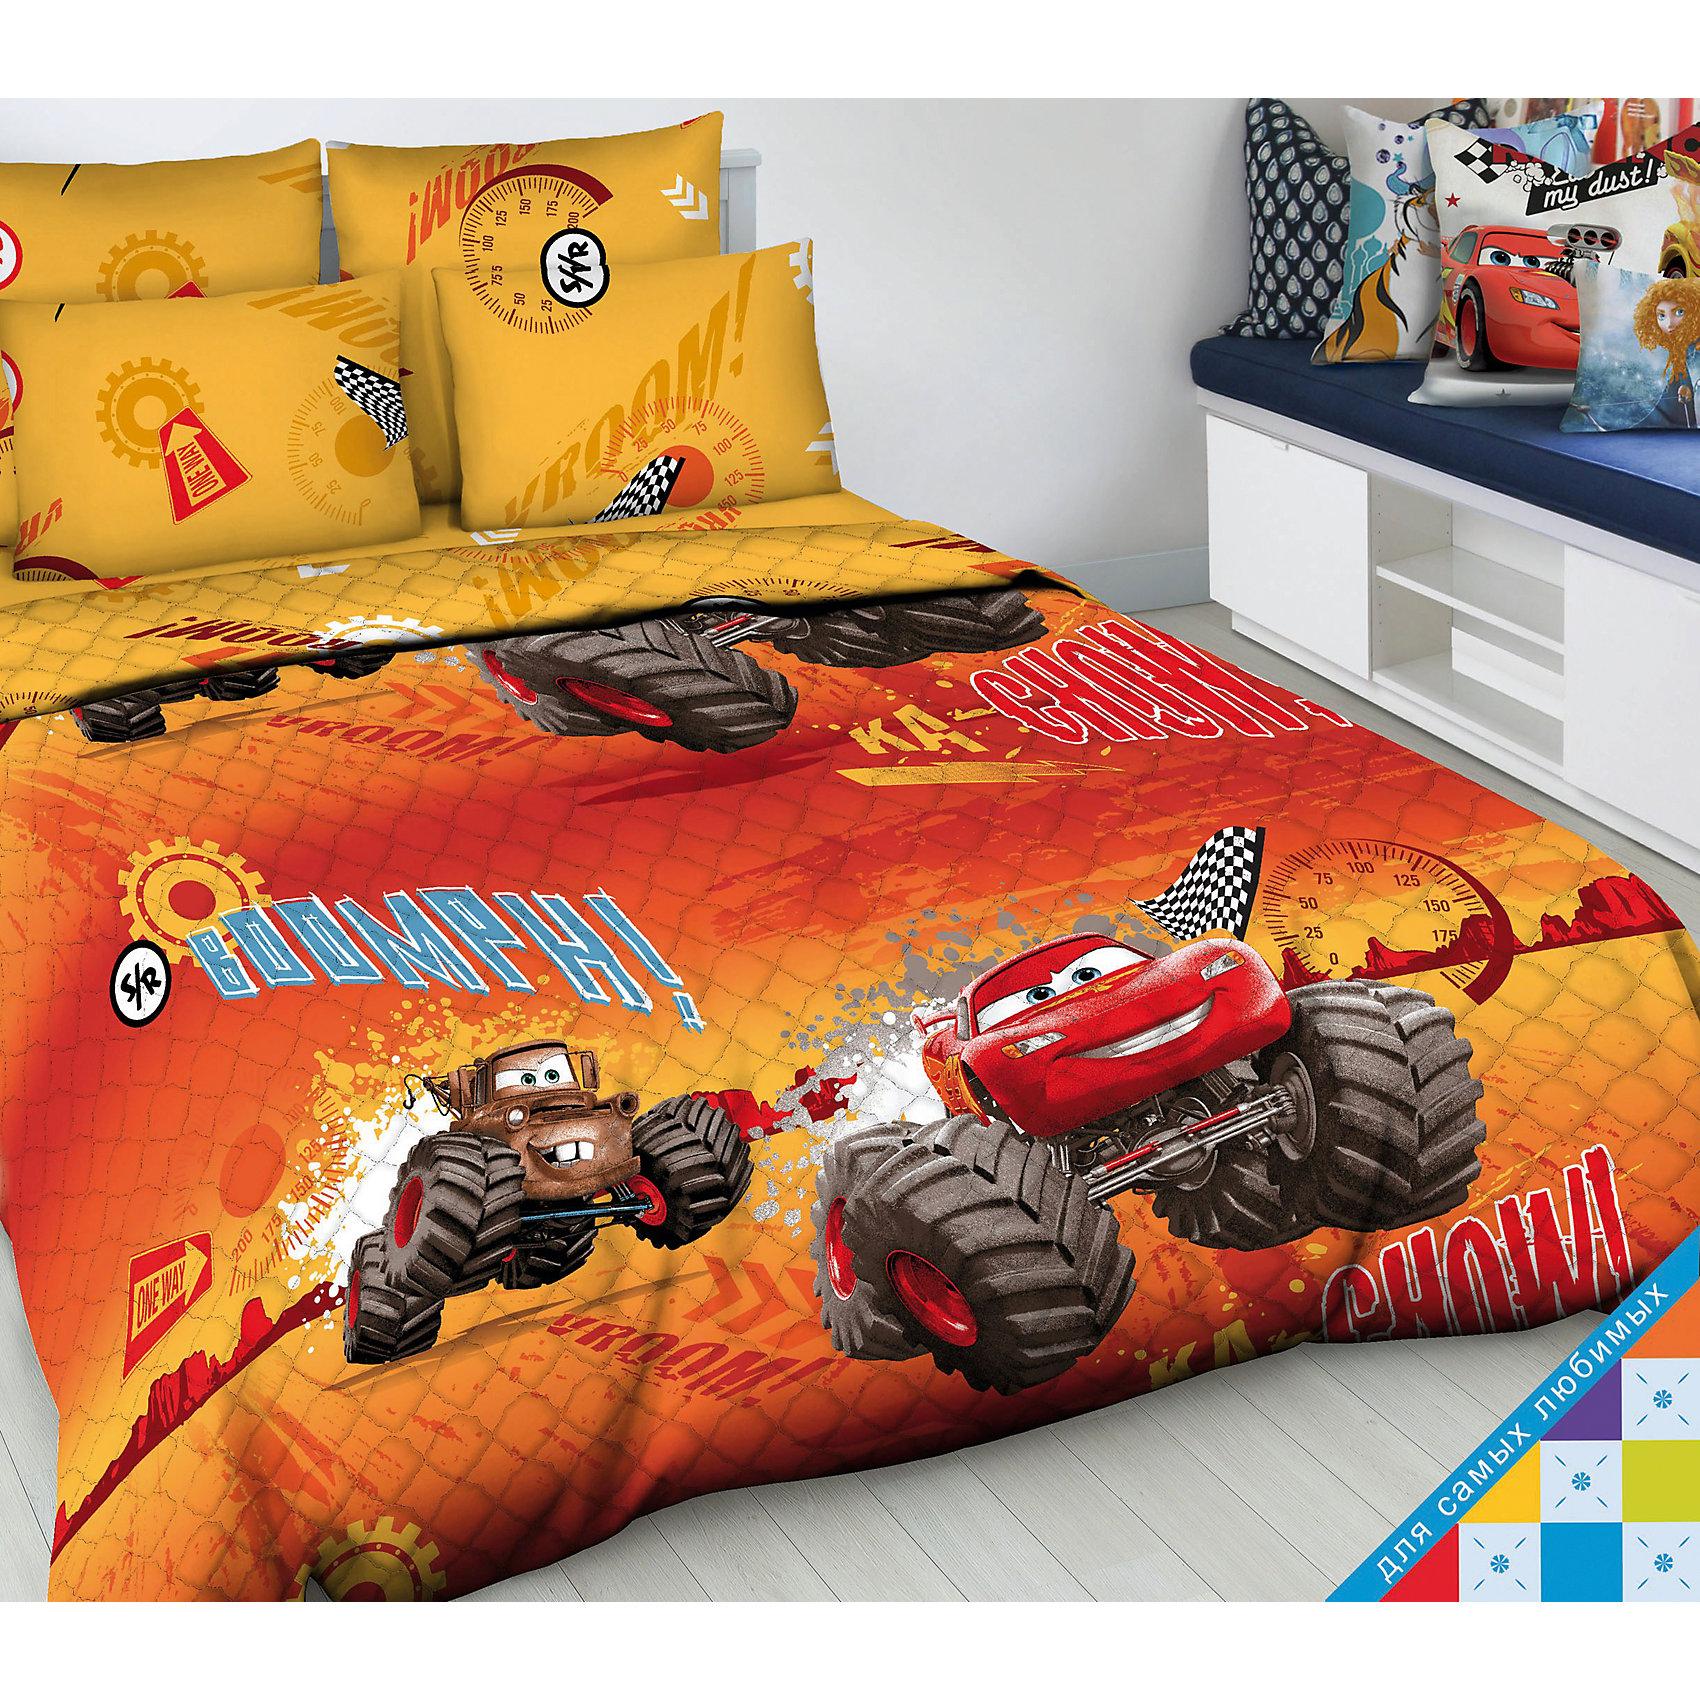 Покрывало Молния Маккуин 1,5-спальное, ВасилекПокрывало Молния Маккуин 1,5-спальное, Василек - эффектно дополнит интерьер комнаты вашего ребенка и создаст атмосферу уюта.<br>Волшебное, невероятно красивое стёганое покрывало Молния Маккуин с героями мультсериала Тачки, несомненно, будет по душе вашему малышу. Яркие и сочные краски заиграют в детской комнате по-новому, даря ей уют и привлекательность, увлекая в мир любимых персонажей. Полутораспальное покрывало может использоваться в качестве легкого одеяла. Оно хорошо сохраняет тепло и прекрасно пропускает воздух. Порывало гипоаллергенно, изготовлено из бязи (100% хлопок) с применением натуральных красителей. Наполнитель покрывала -силиконизированное волокно. Легкие и теплые изделия с этим наполнителем легко стираются, быстро высыхают и сохраняют свои свойства после длительной эксплуатации. Единичная составляющая волокна имеет вид спиральной пружины. Это свойство позволяет волокну, в отличие от других материалов быстро восстанавливать свою форму после смятия, иметь высокую стойкость к сохранению своей формы с течением времени. Стёганое покрывало Молния Маккуин восхищает своей безупречностью и качеством исполнения.<br><br>Дополнительная информация:<br><br>- Размер: 145х205 см.<br>- Материал верха: бязь<br>- Наполнитель: силиконизированное волокно<br><br>Покрывало Молния Маккуин 1,5-спальное, Василек можно купить в нашем интернет-магазине.<br><br>Ширина мм: 380<br>Глубина мм: 80<br>Высота мм: 280<br>Вес г: 1200<br>Возраст от месяцев: 36<br>Возраст до месяцев: 84<br>Пол: Мужской<br>Возраст: Детский<br>SKU: 4645555